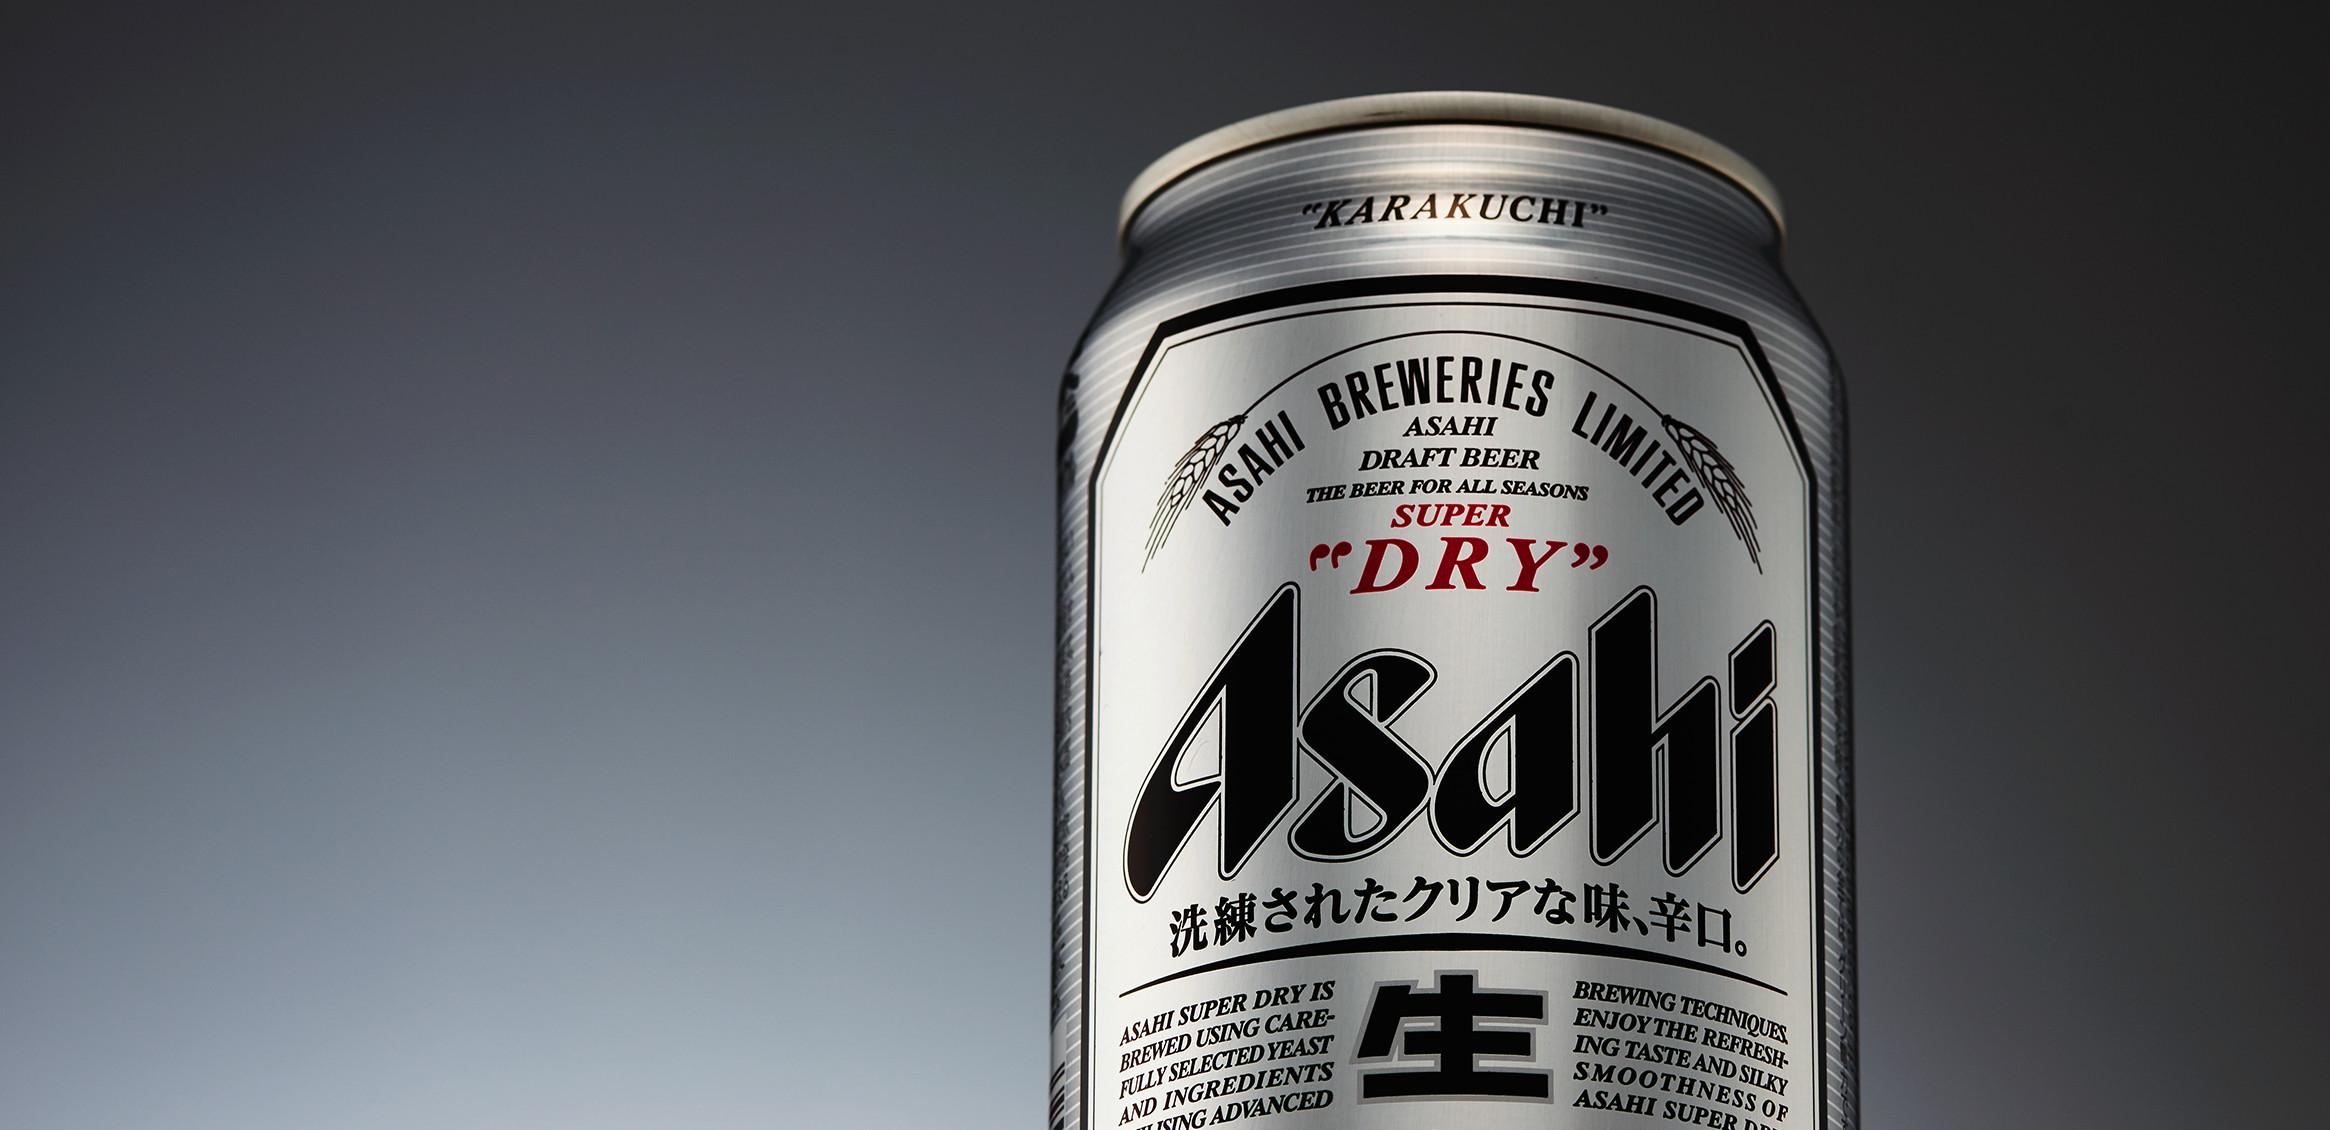 アサヒ スーパードライ1枚目